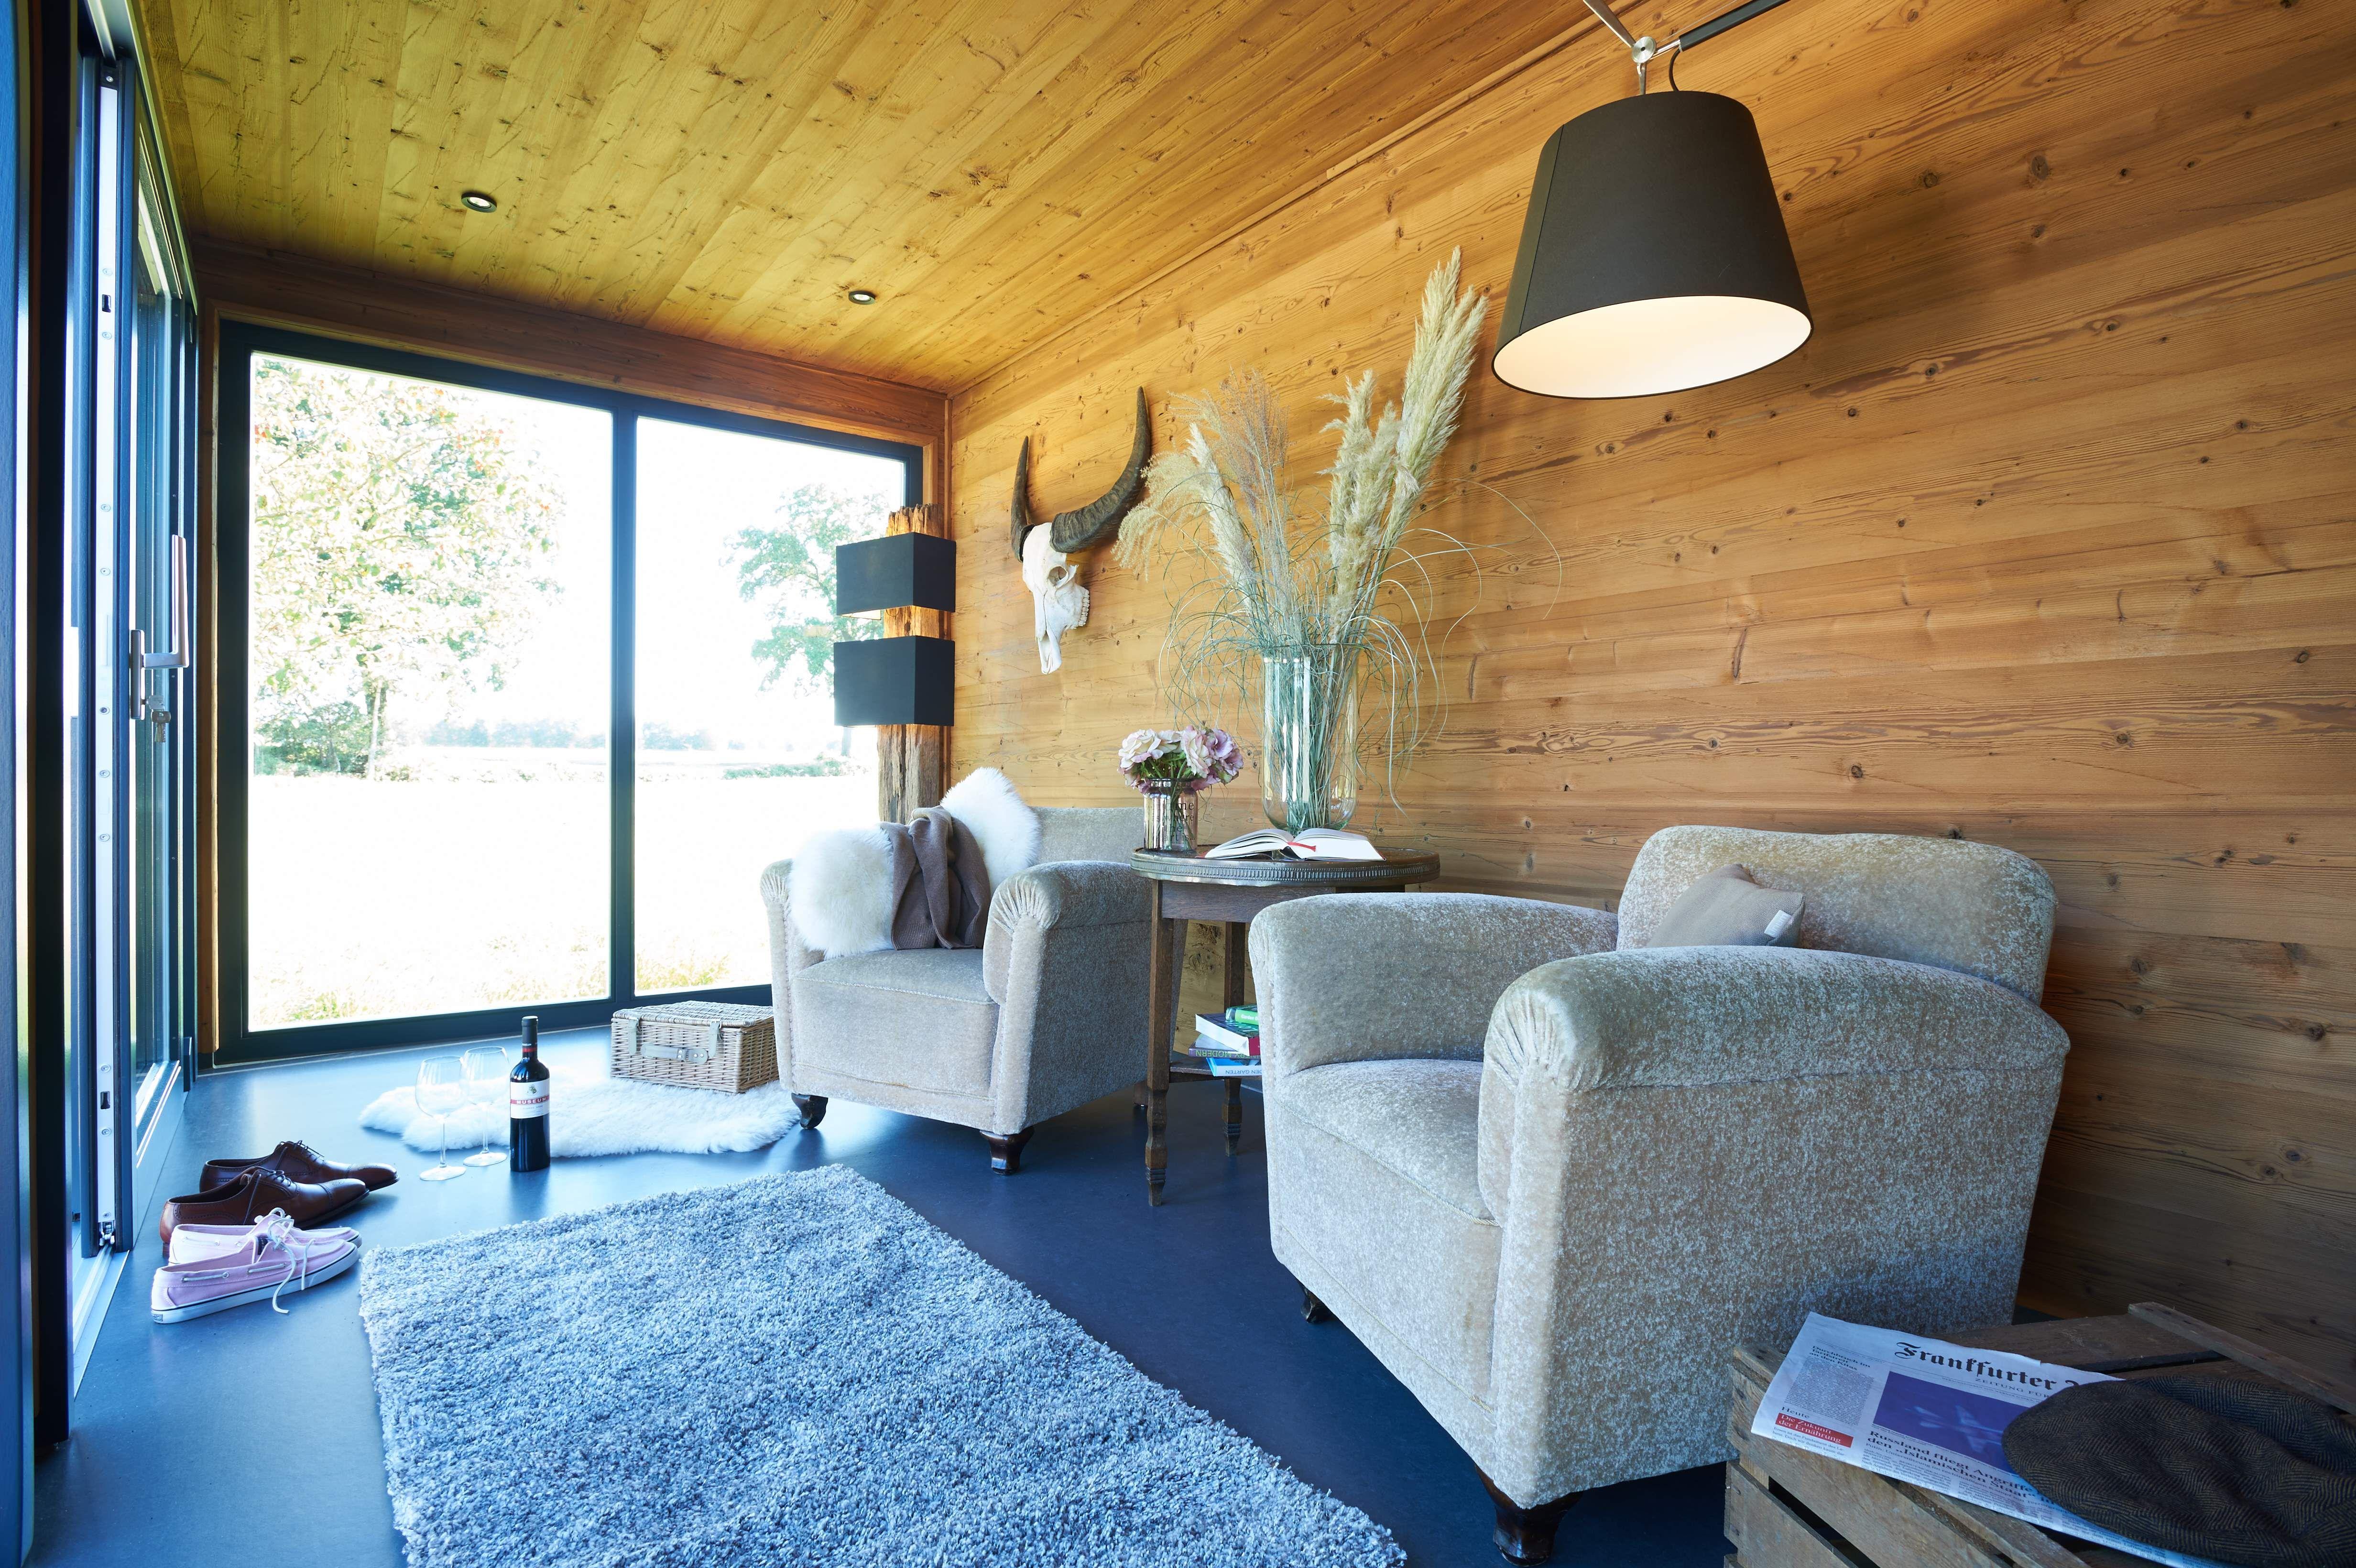 unsere w rmegrad mitarbeiter gestalten ihren traum von sauna ganz nach ihrem geschmack und ihren. Black Bedroom Furniture Sets. Home Design Ideas